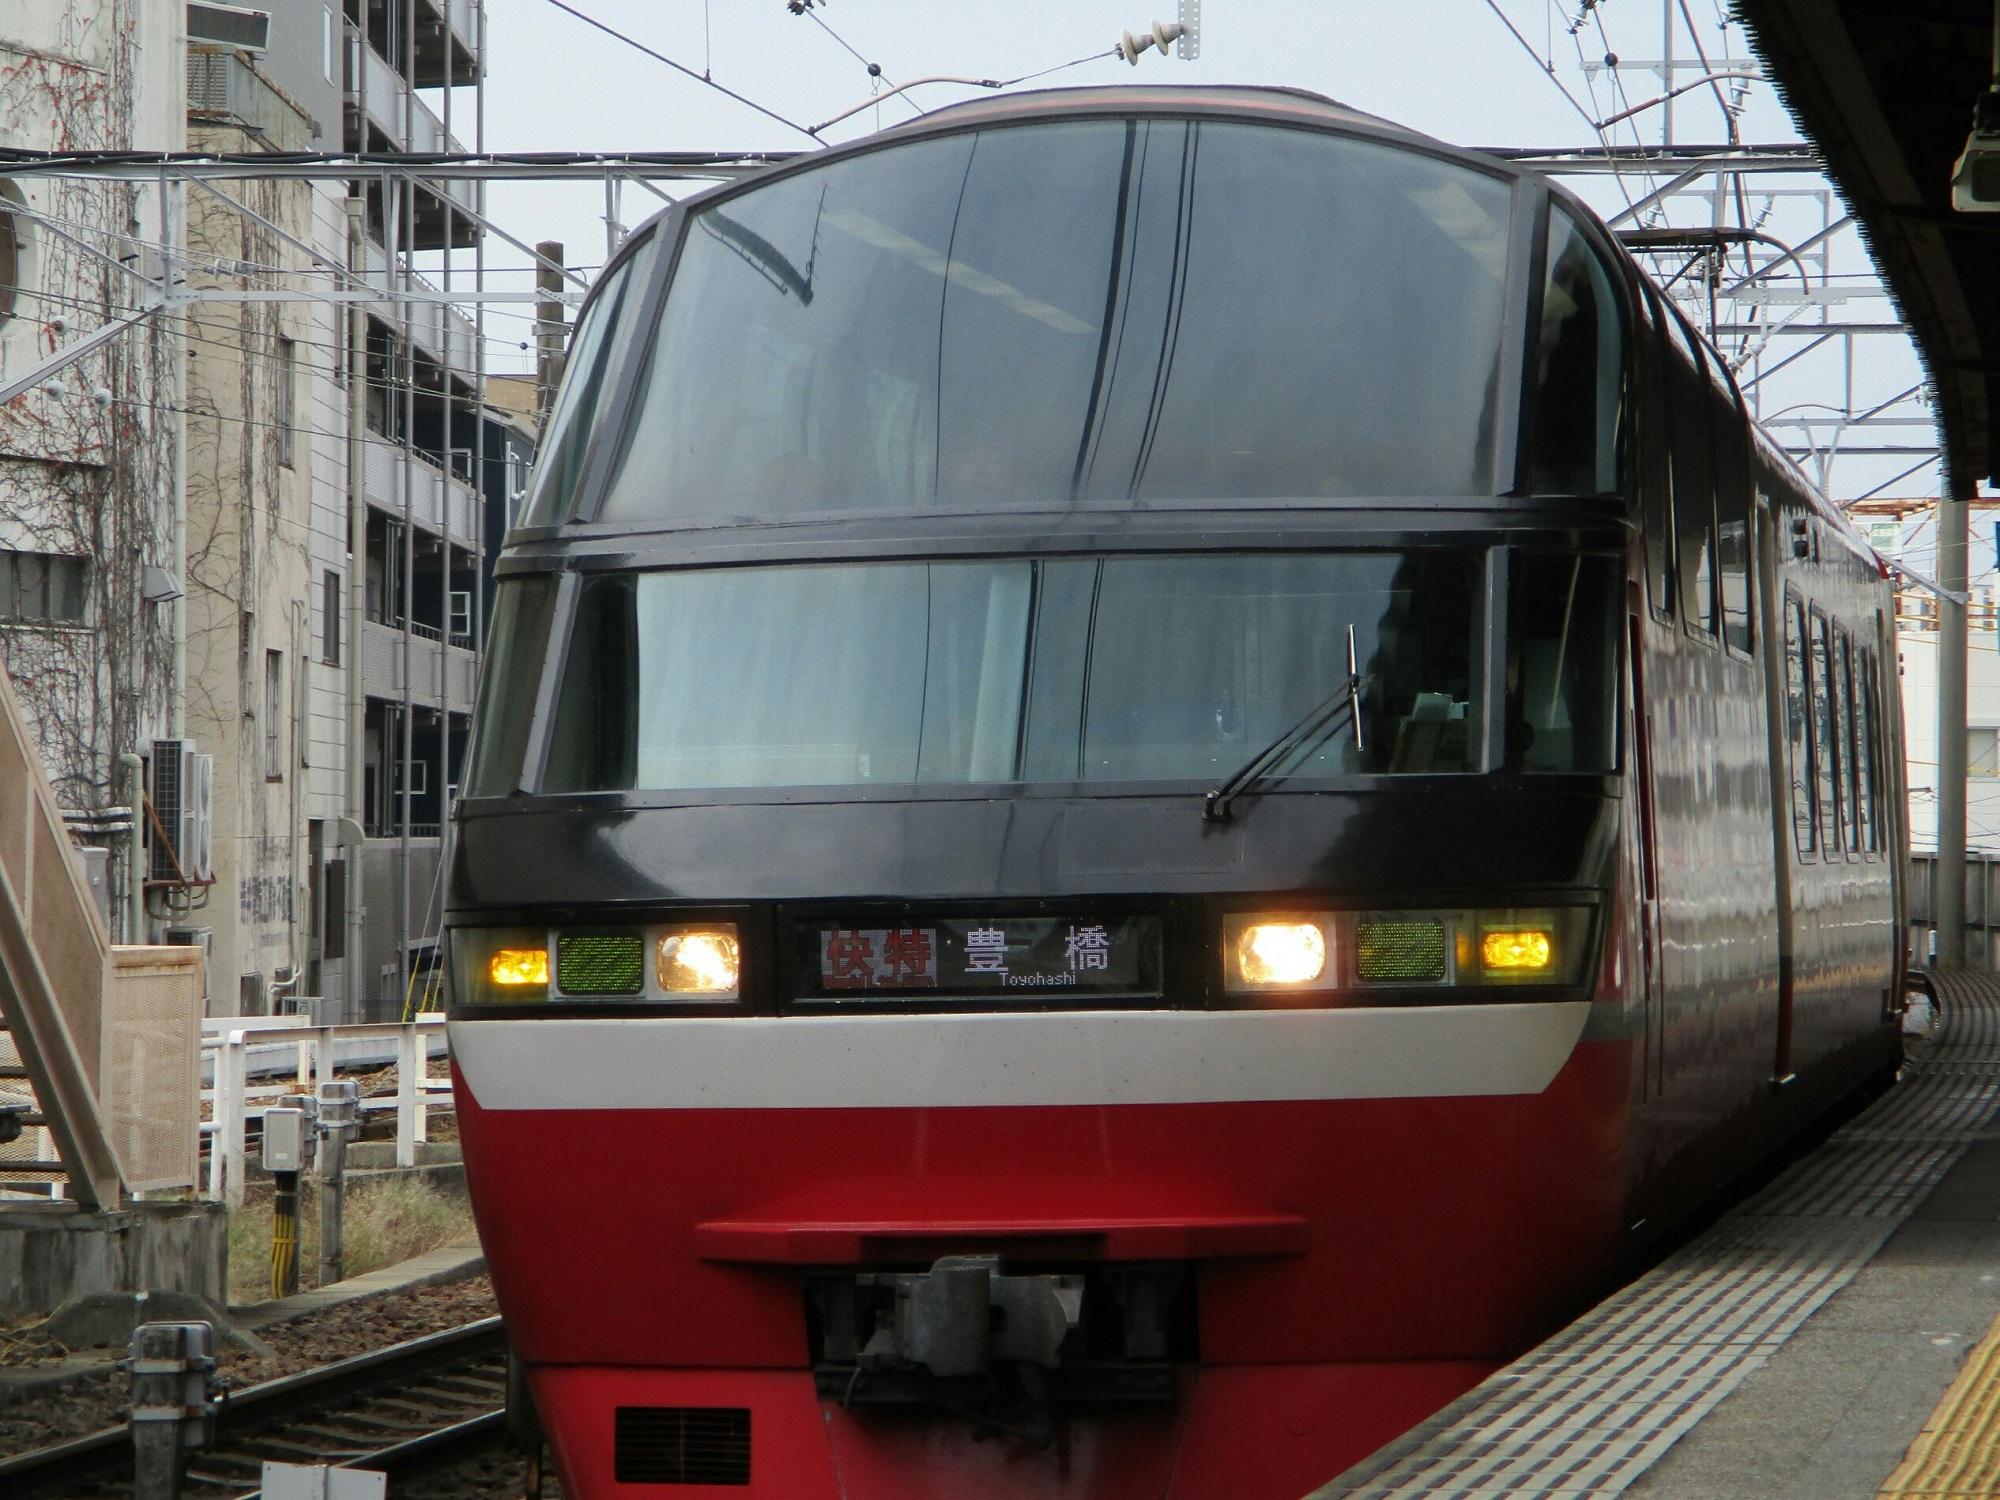 2018.12.3 (33) 東岡崎 - 豊橋いき快速特急 2000-1500